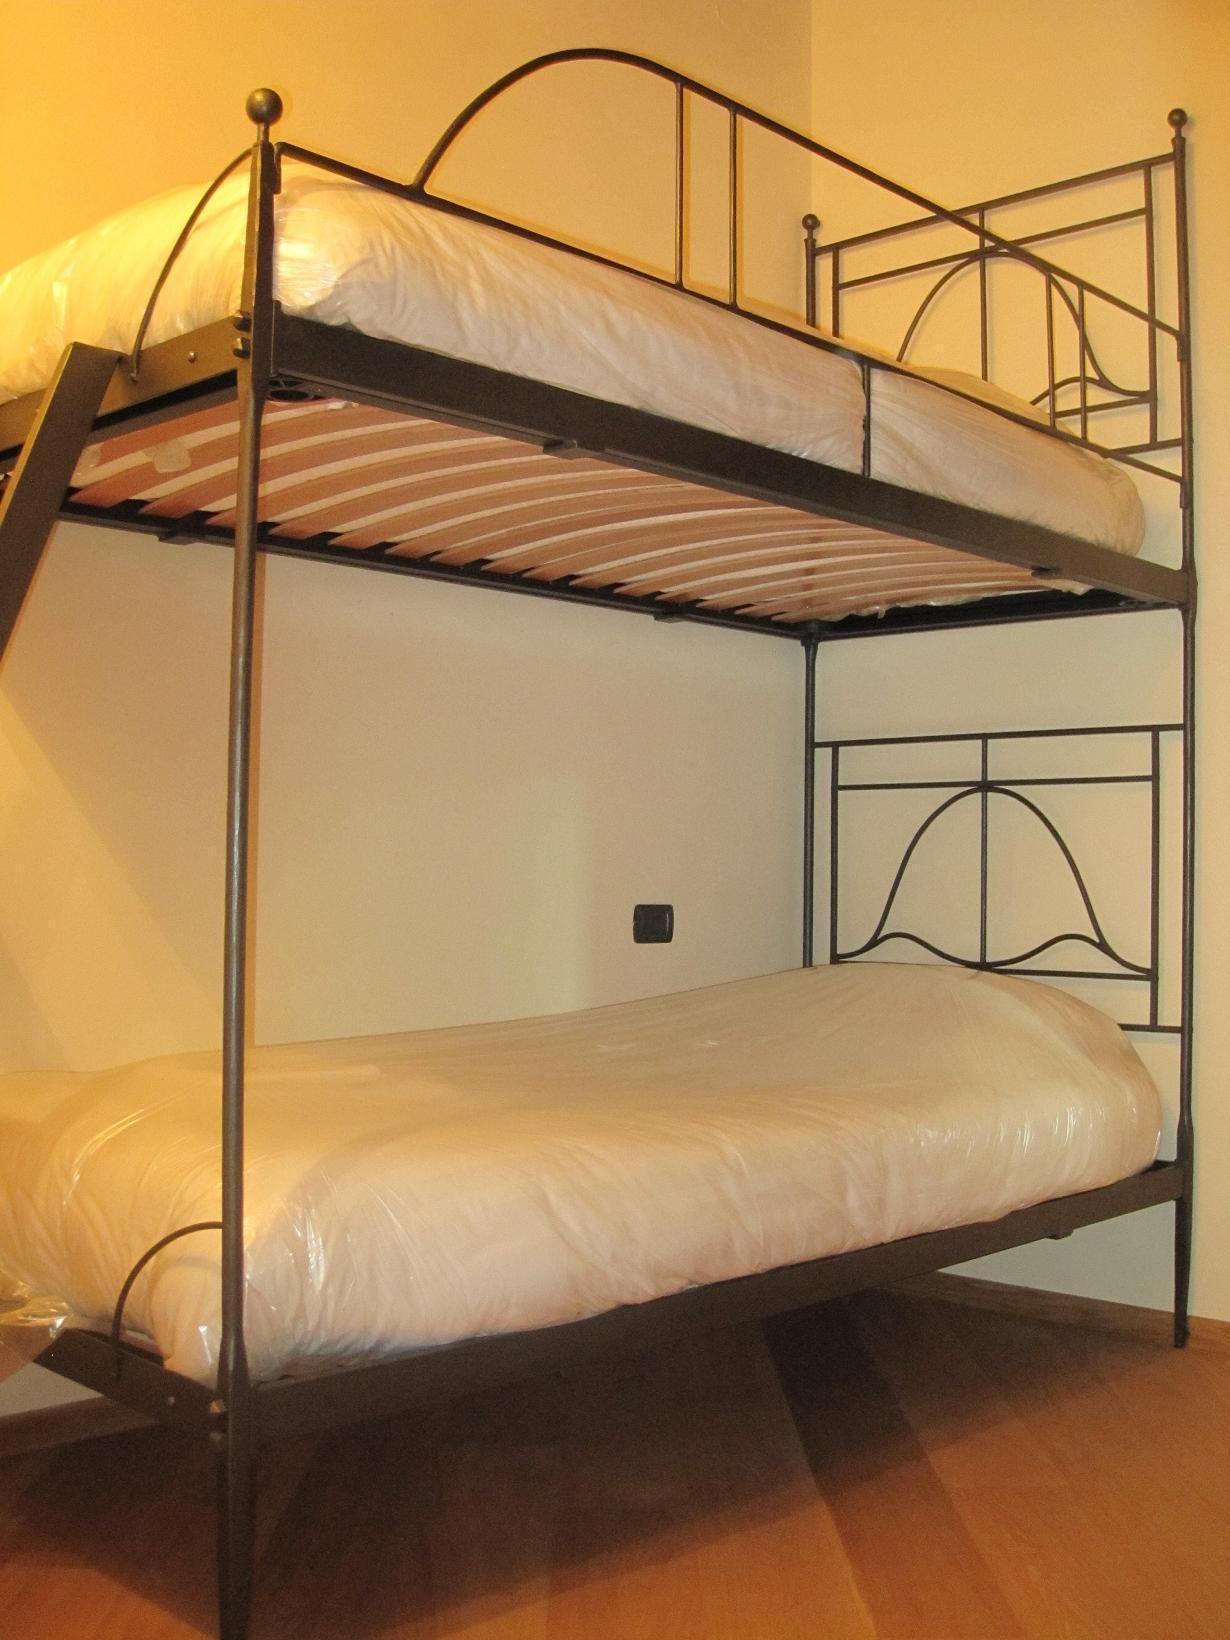 Casa girasole posti letto 4 in 2 camere casa vacanza a for Branson cabin rentals 4 camere da letto